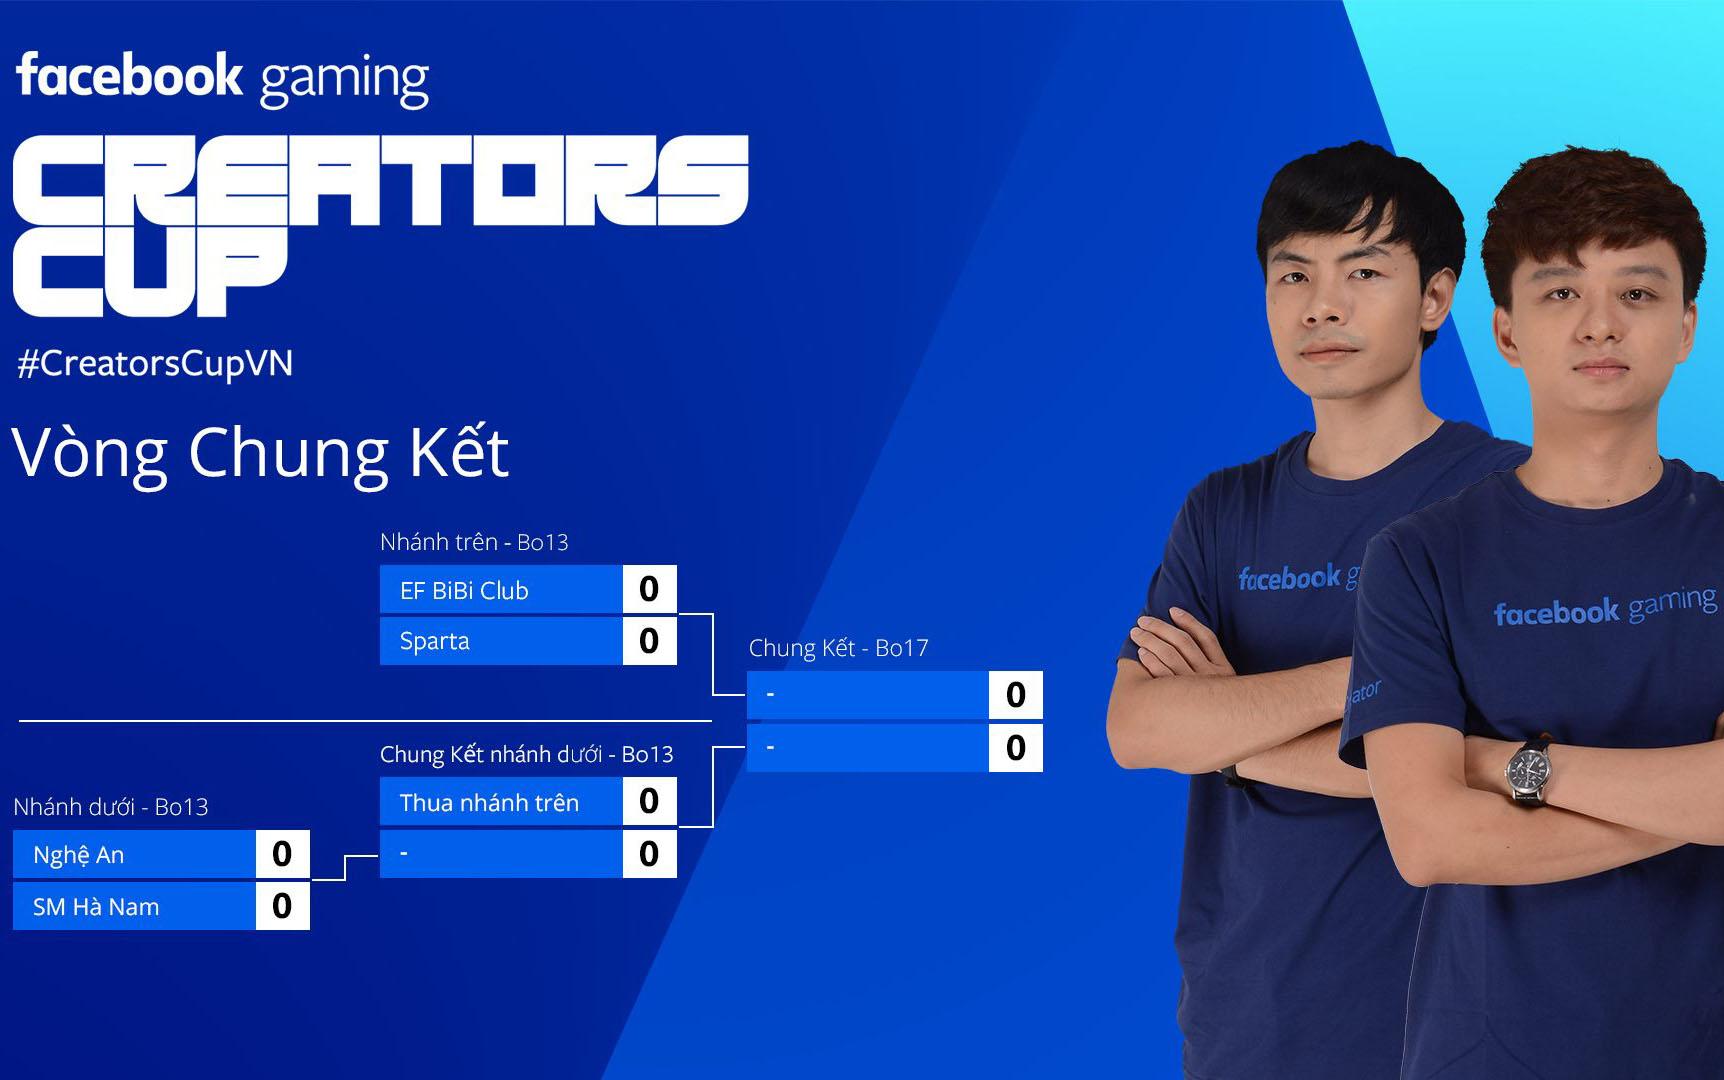 Vòng chung kết AoE Facebook Gaming Creators Cup 2019: Cái tên nào sẽ lên ngôi vương?